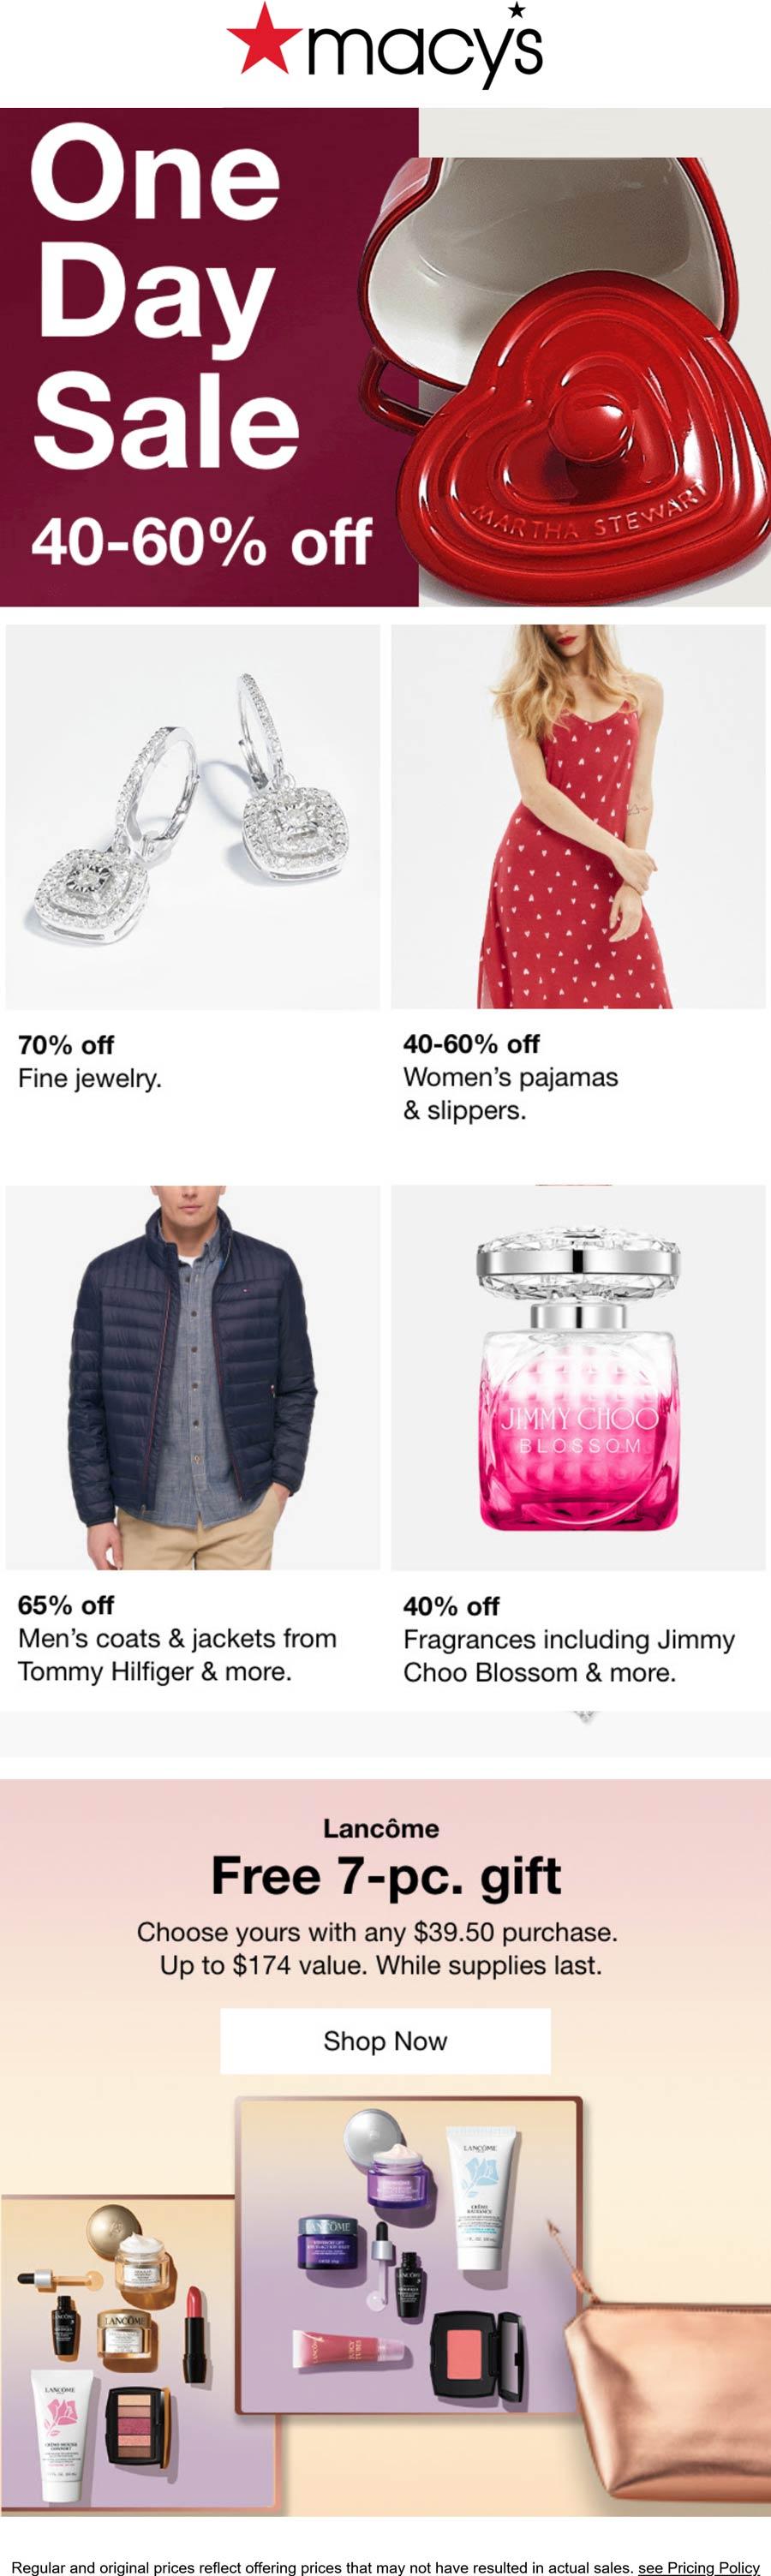 Macys stores Coupon  40-60% off going on at Macys #macys